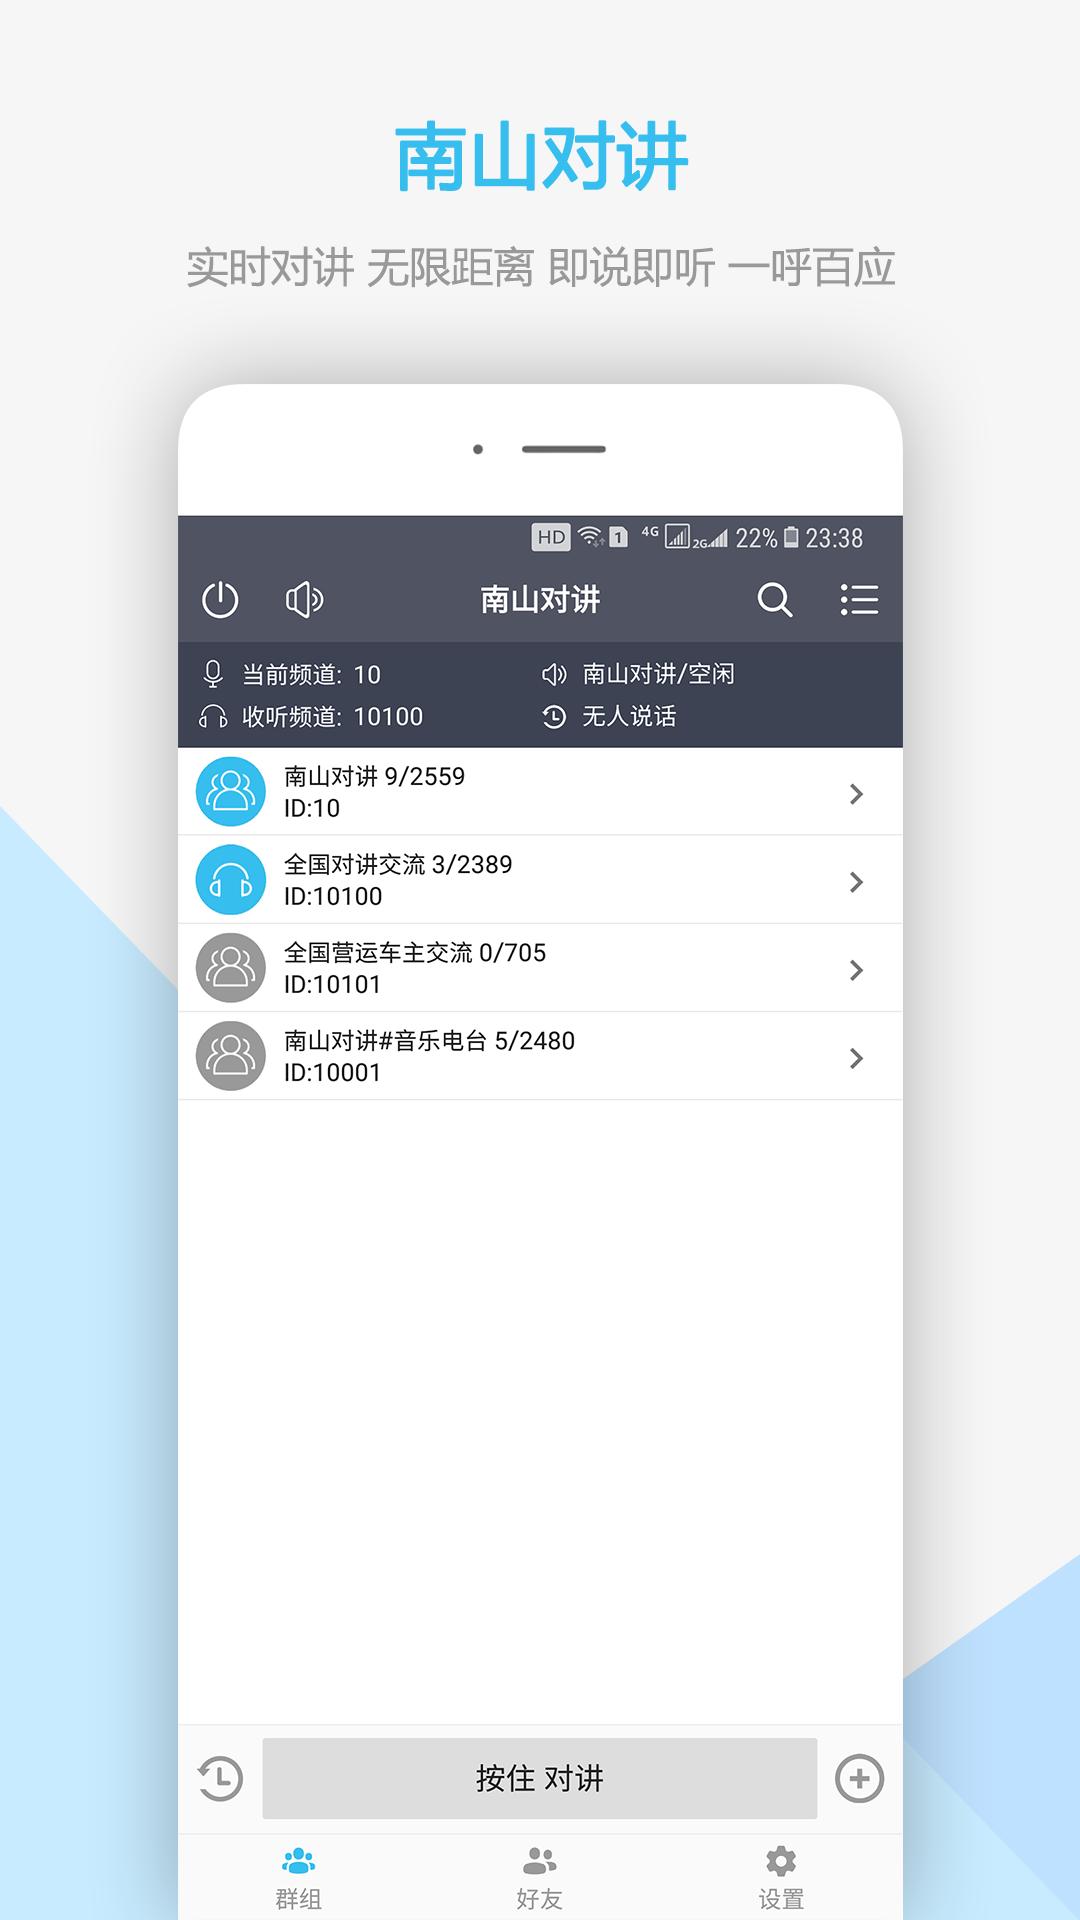 南山对讲 V3.3.1 安卓版截图5